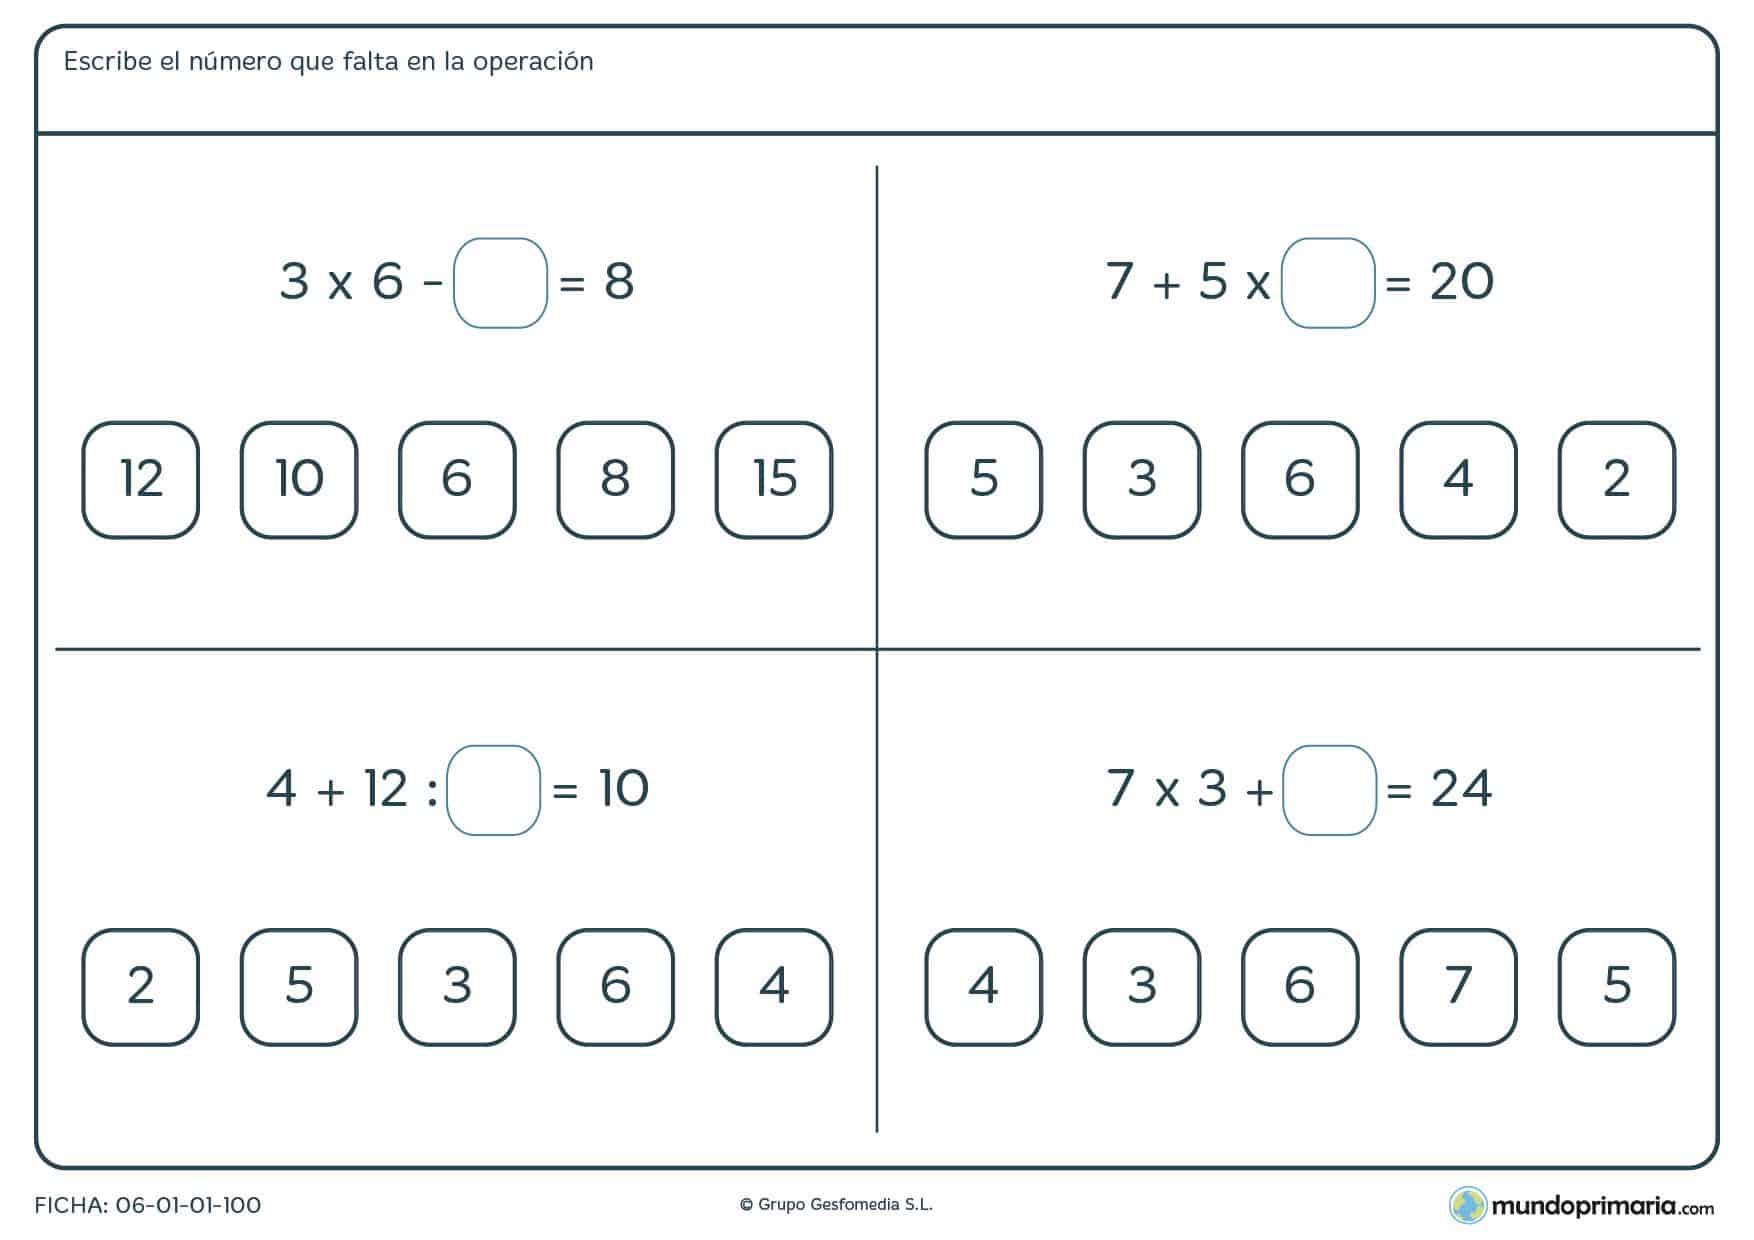 Ficha de averiguar el número asiente en cada operación, diseñada para la práctica de la jerarquía de operaciones y el cálculo en general para alumnos de cuarto curso de Primaria